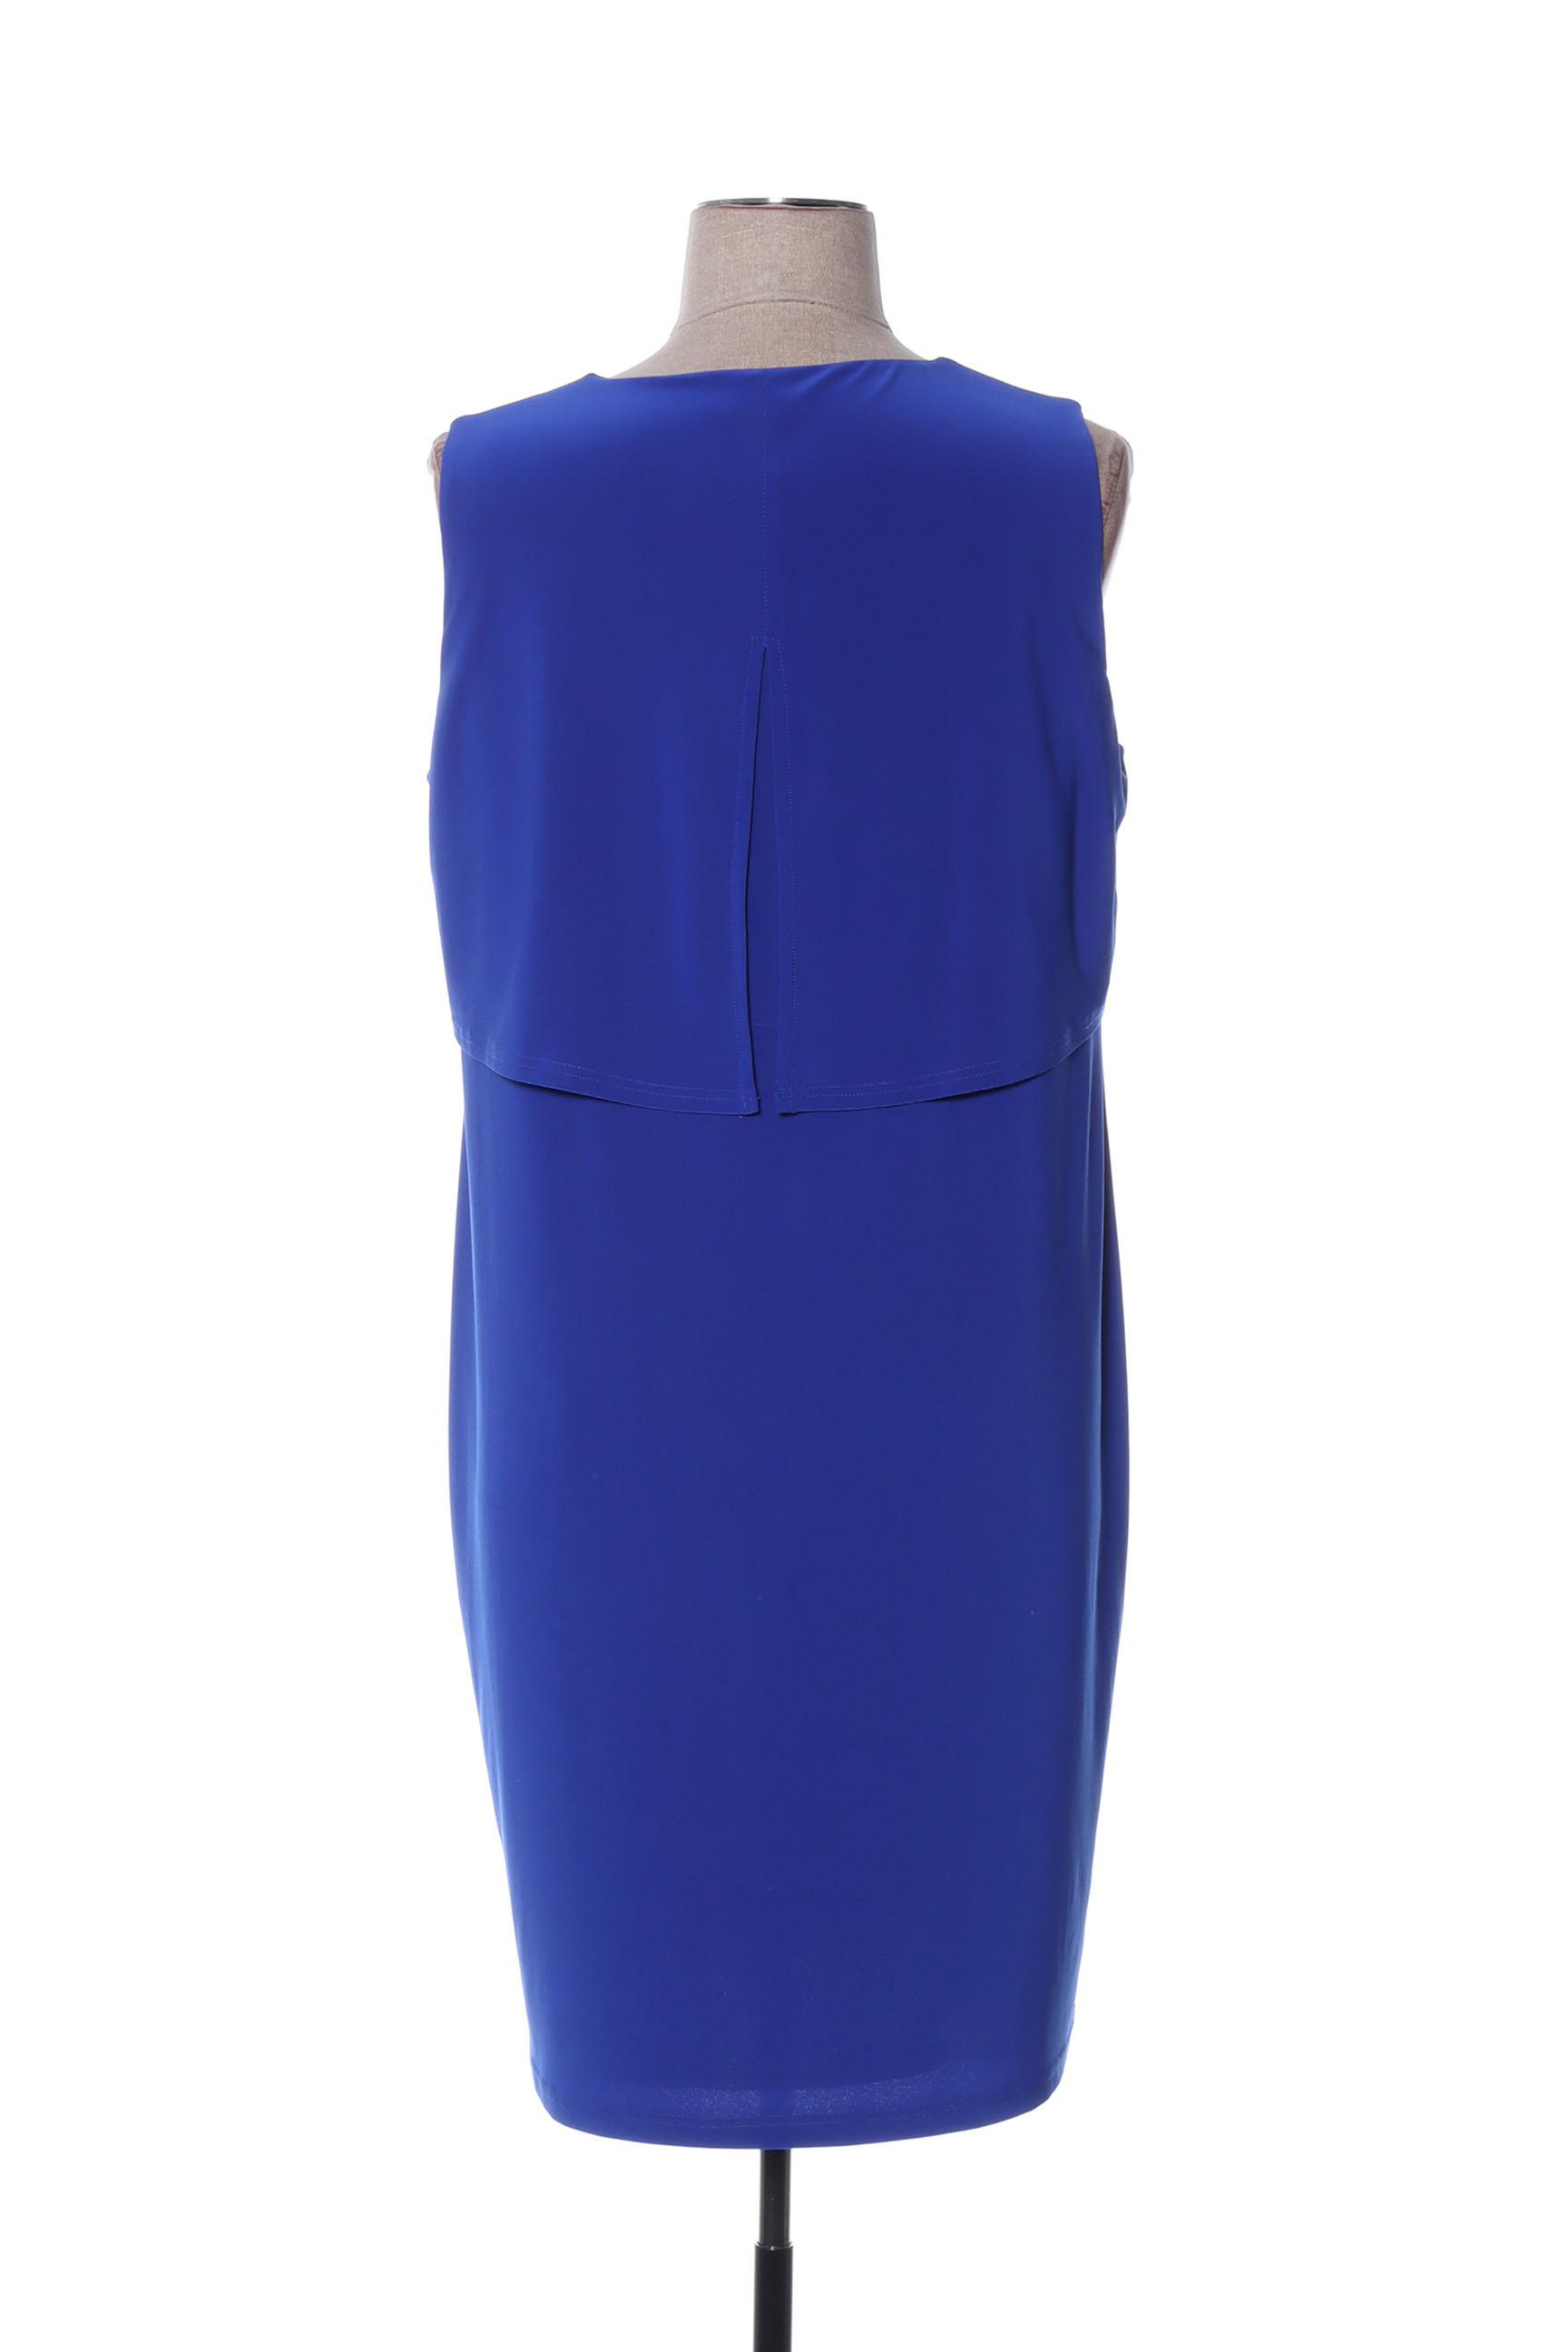 Arona San Francisco Robes Mi Longues Femme De Couleur Bleu En Soldes Pas Cher 1425642-bleu00